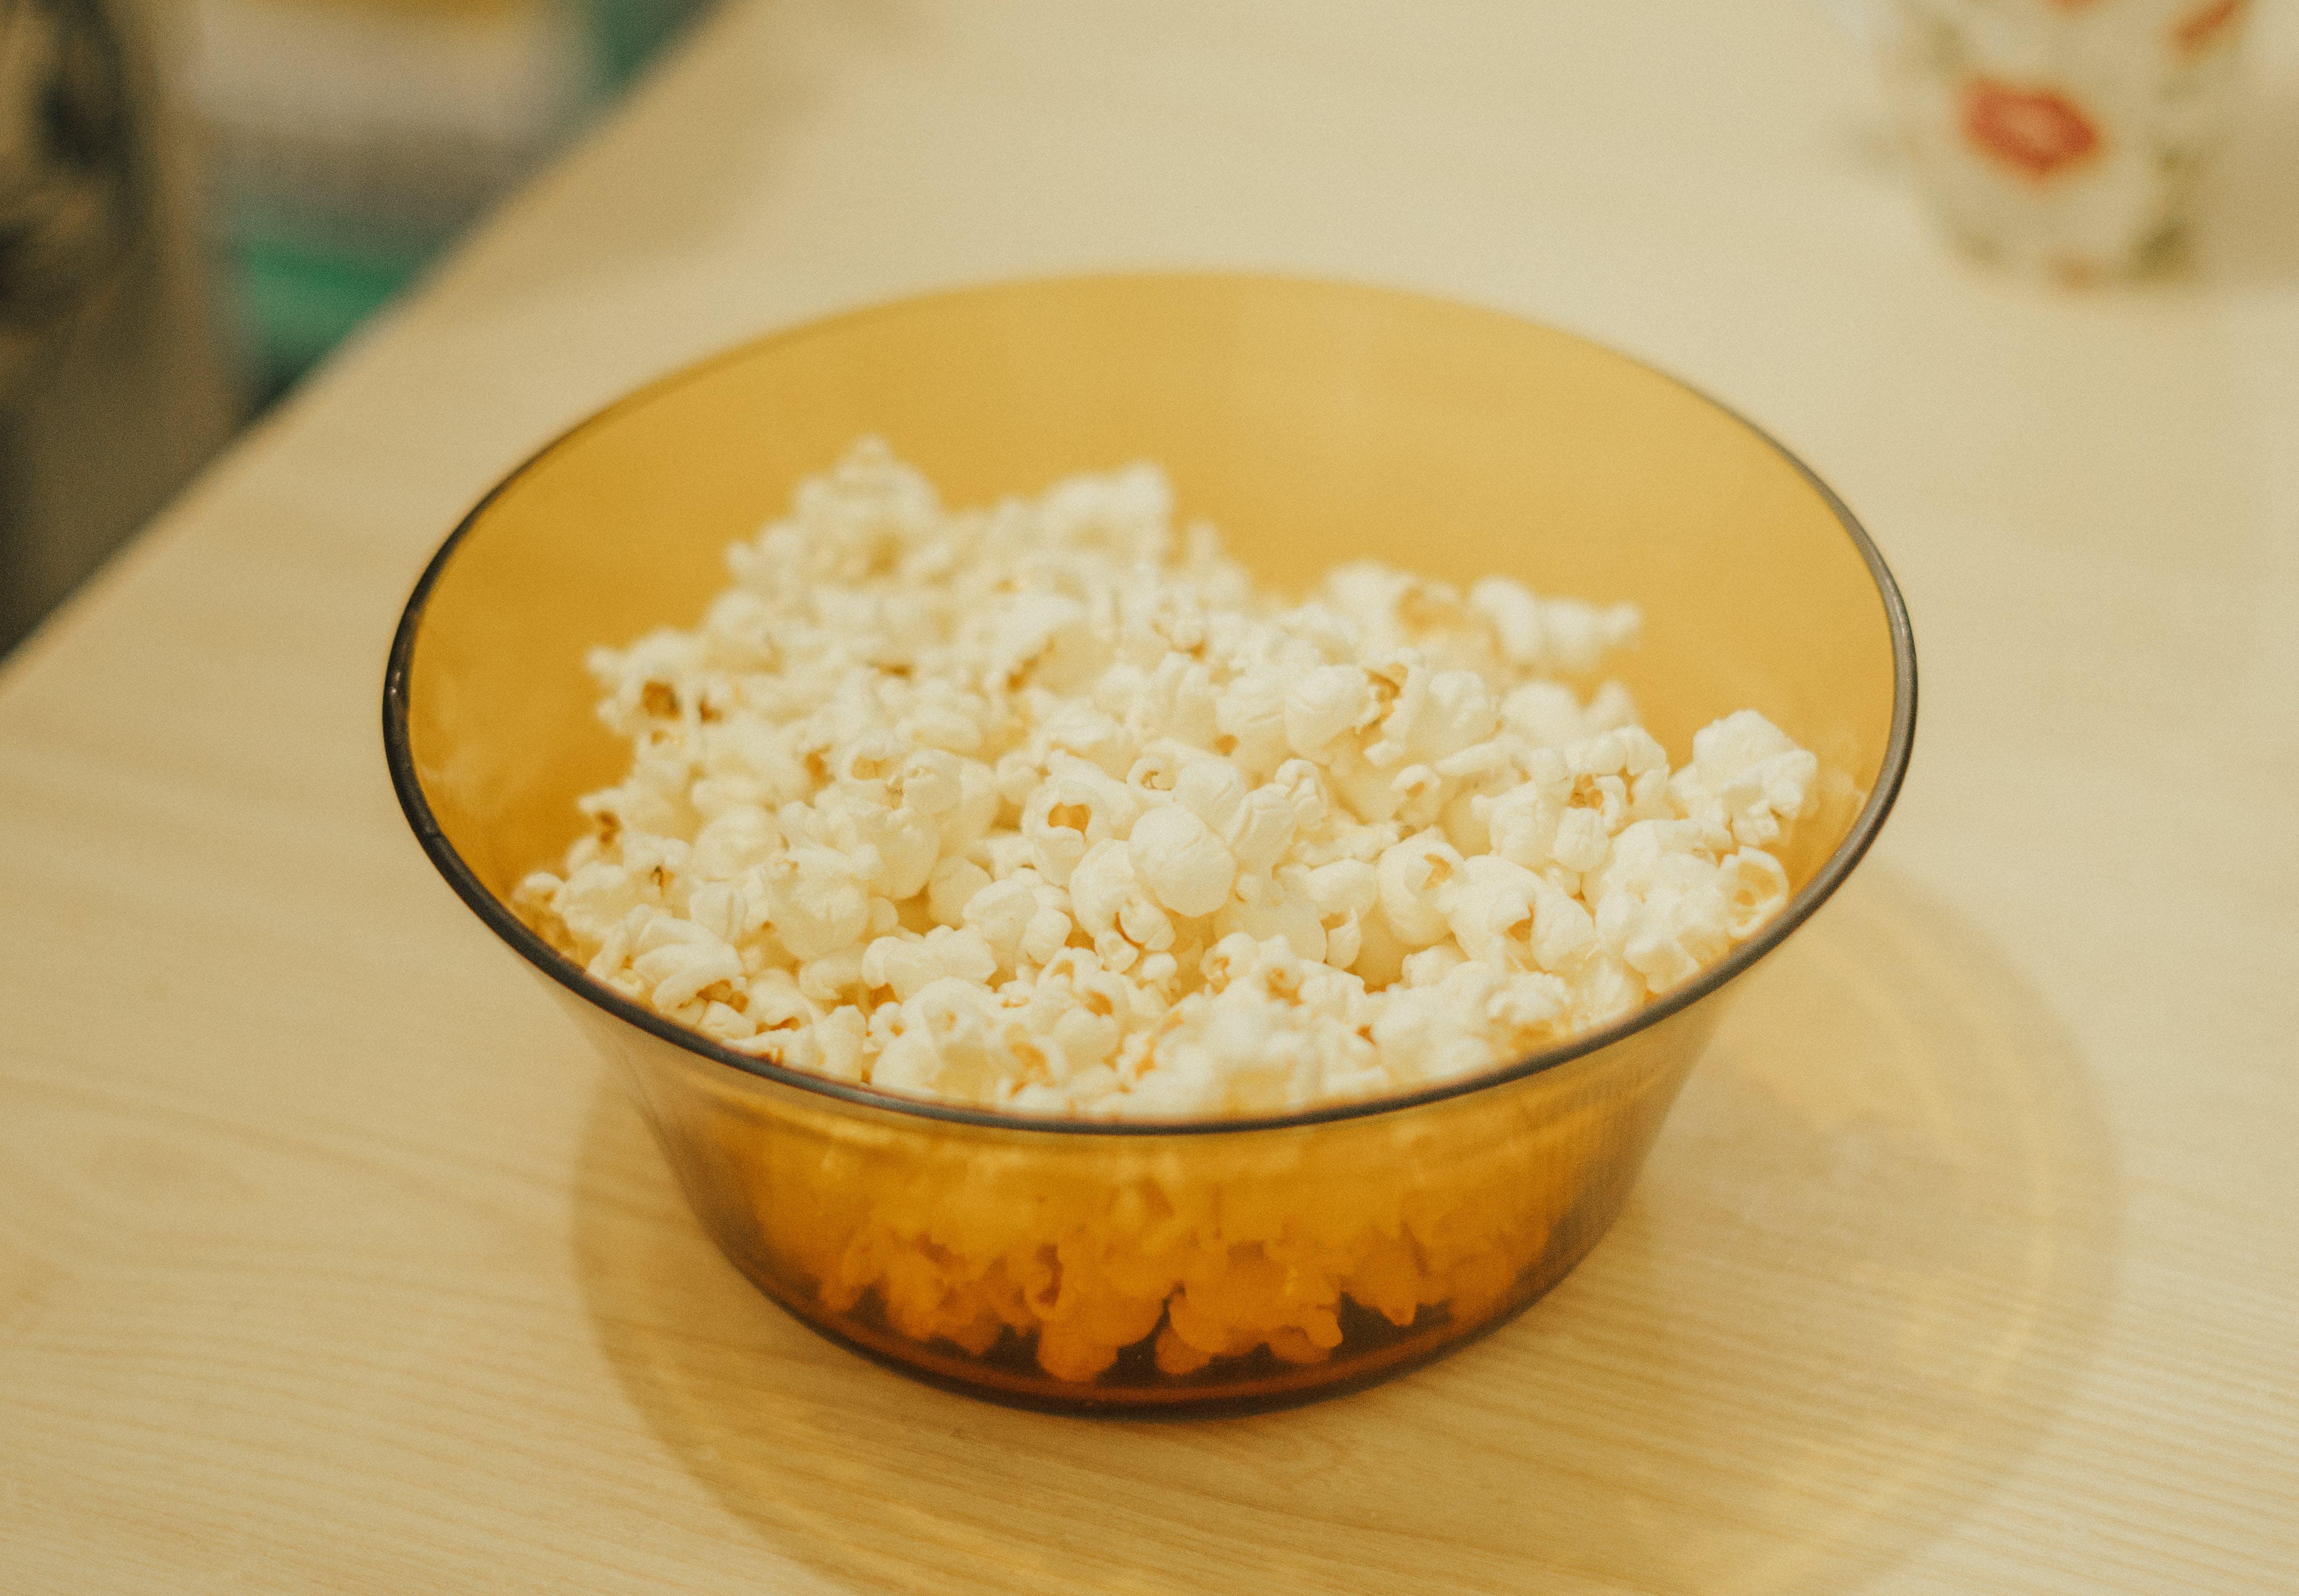 Gratis lagerfoto af comida, filme, pipoca, popcorn